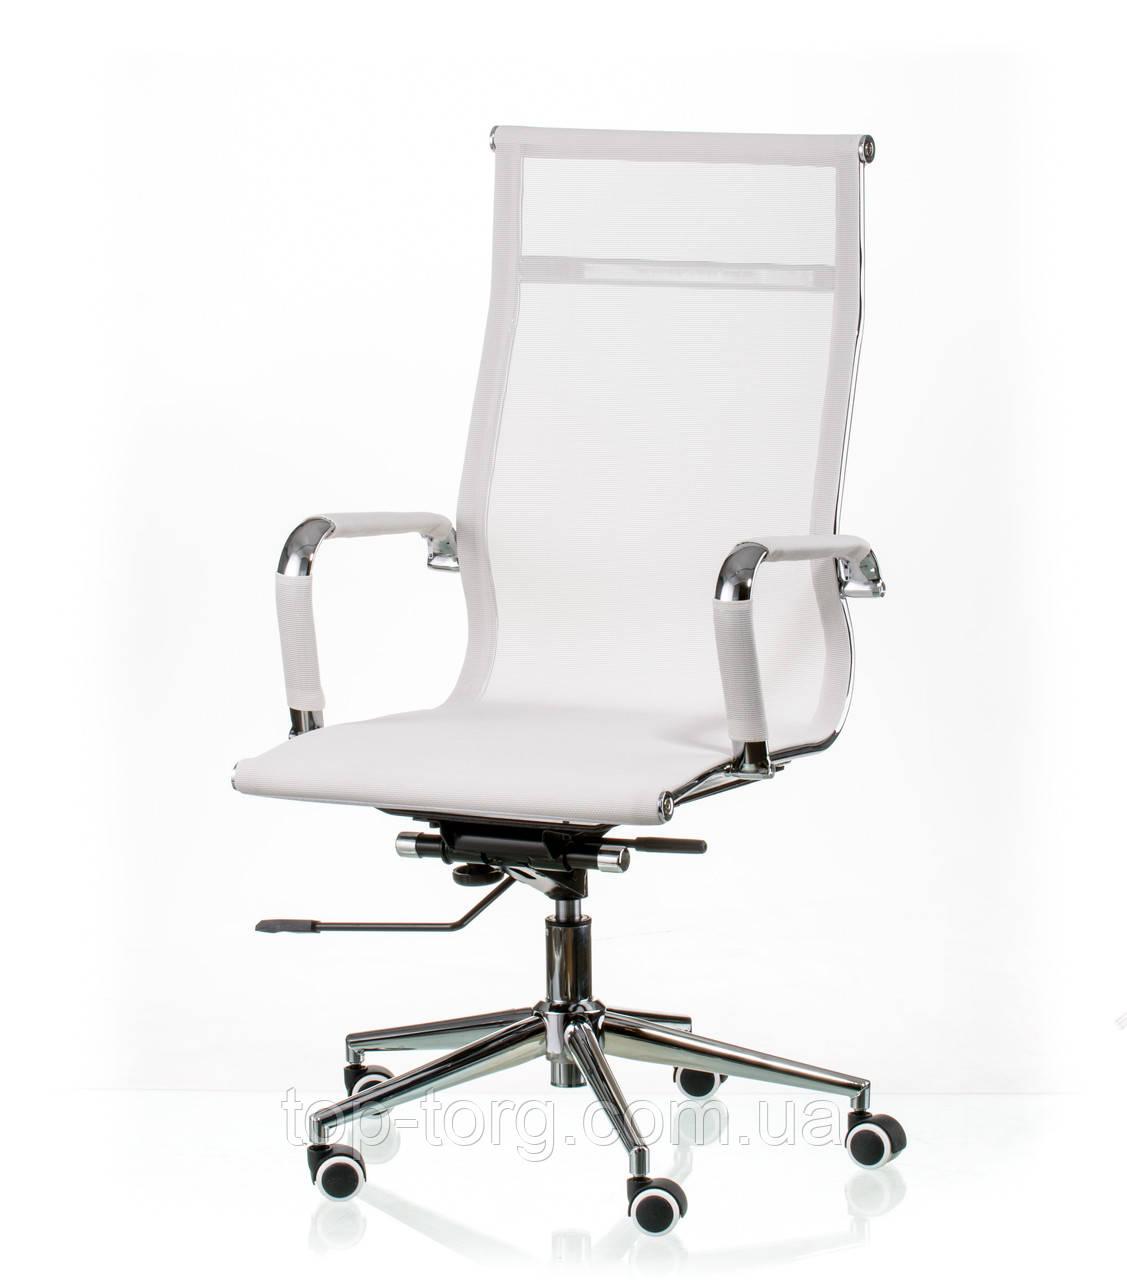 Крісло керівника, офісне Solano mesh white, сітка, колір білий